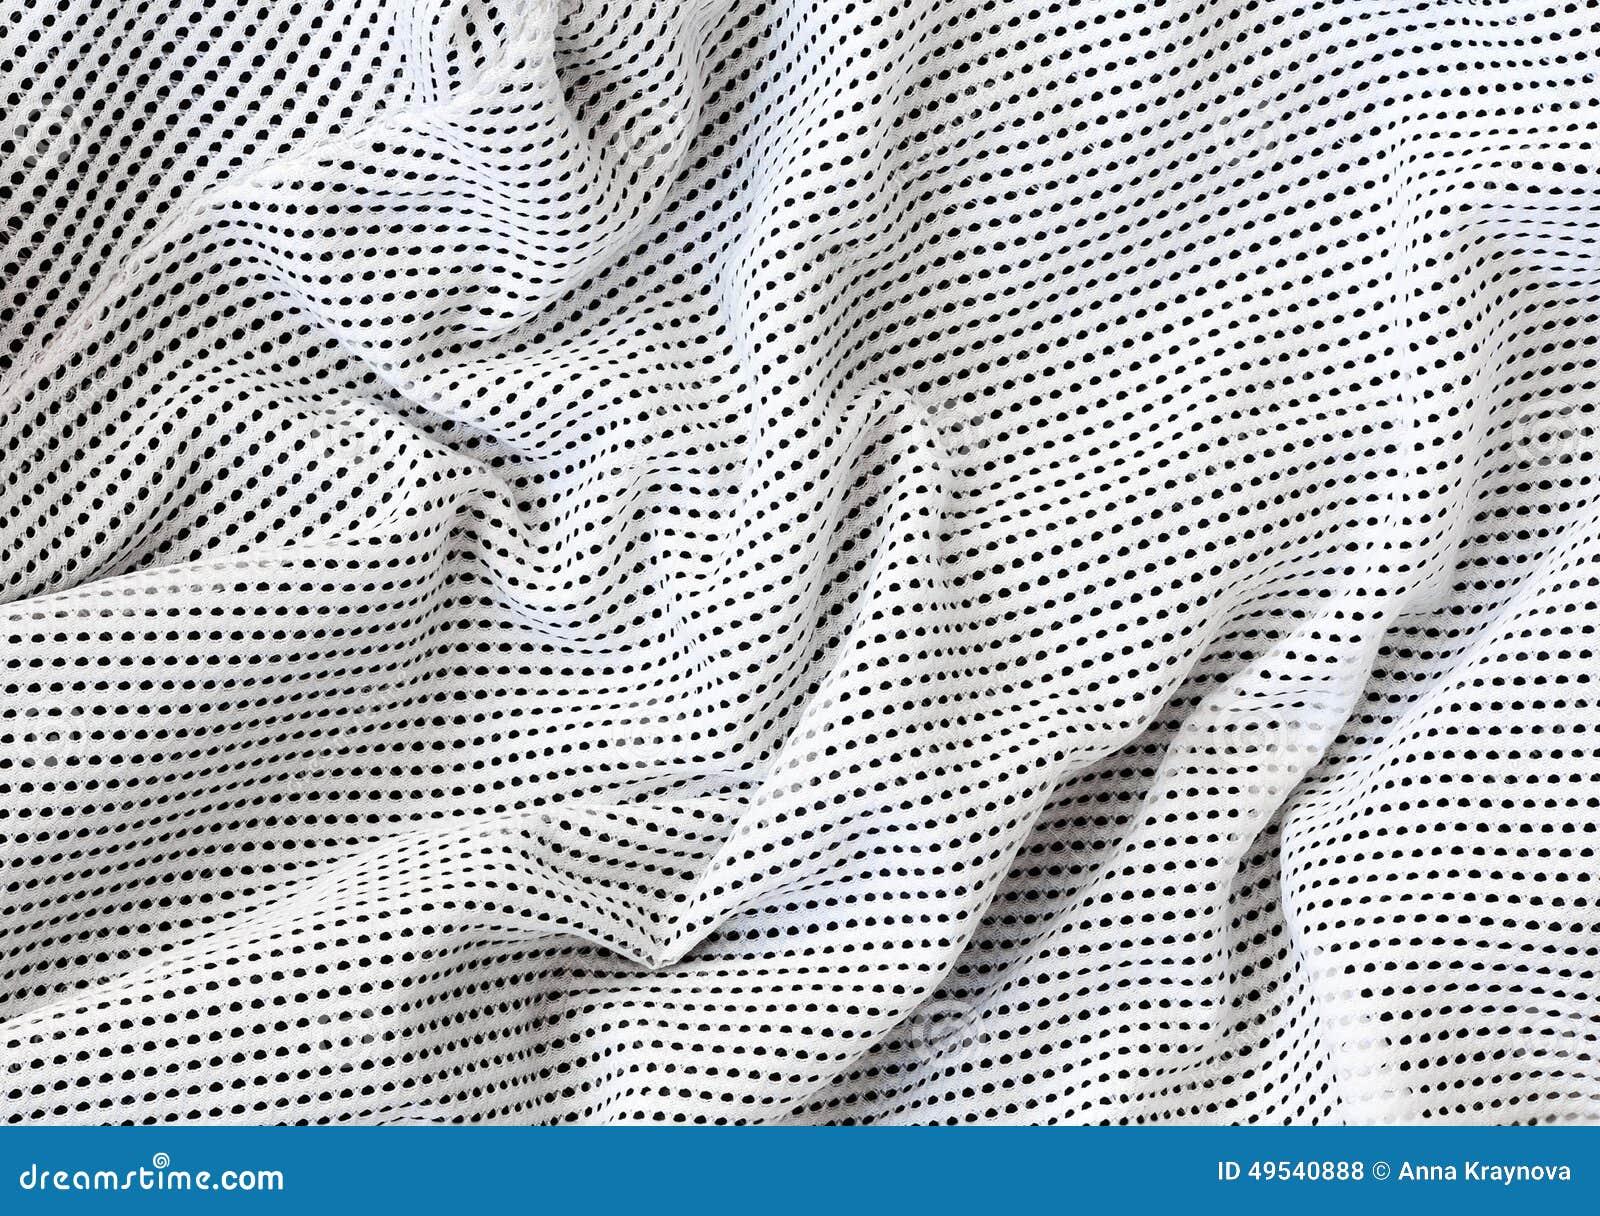 Of nylon mesh netting